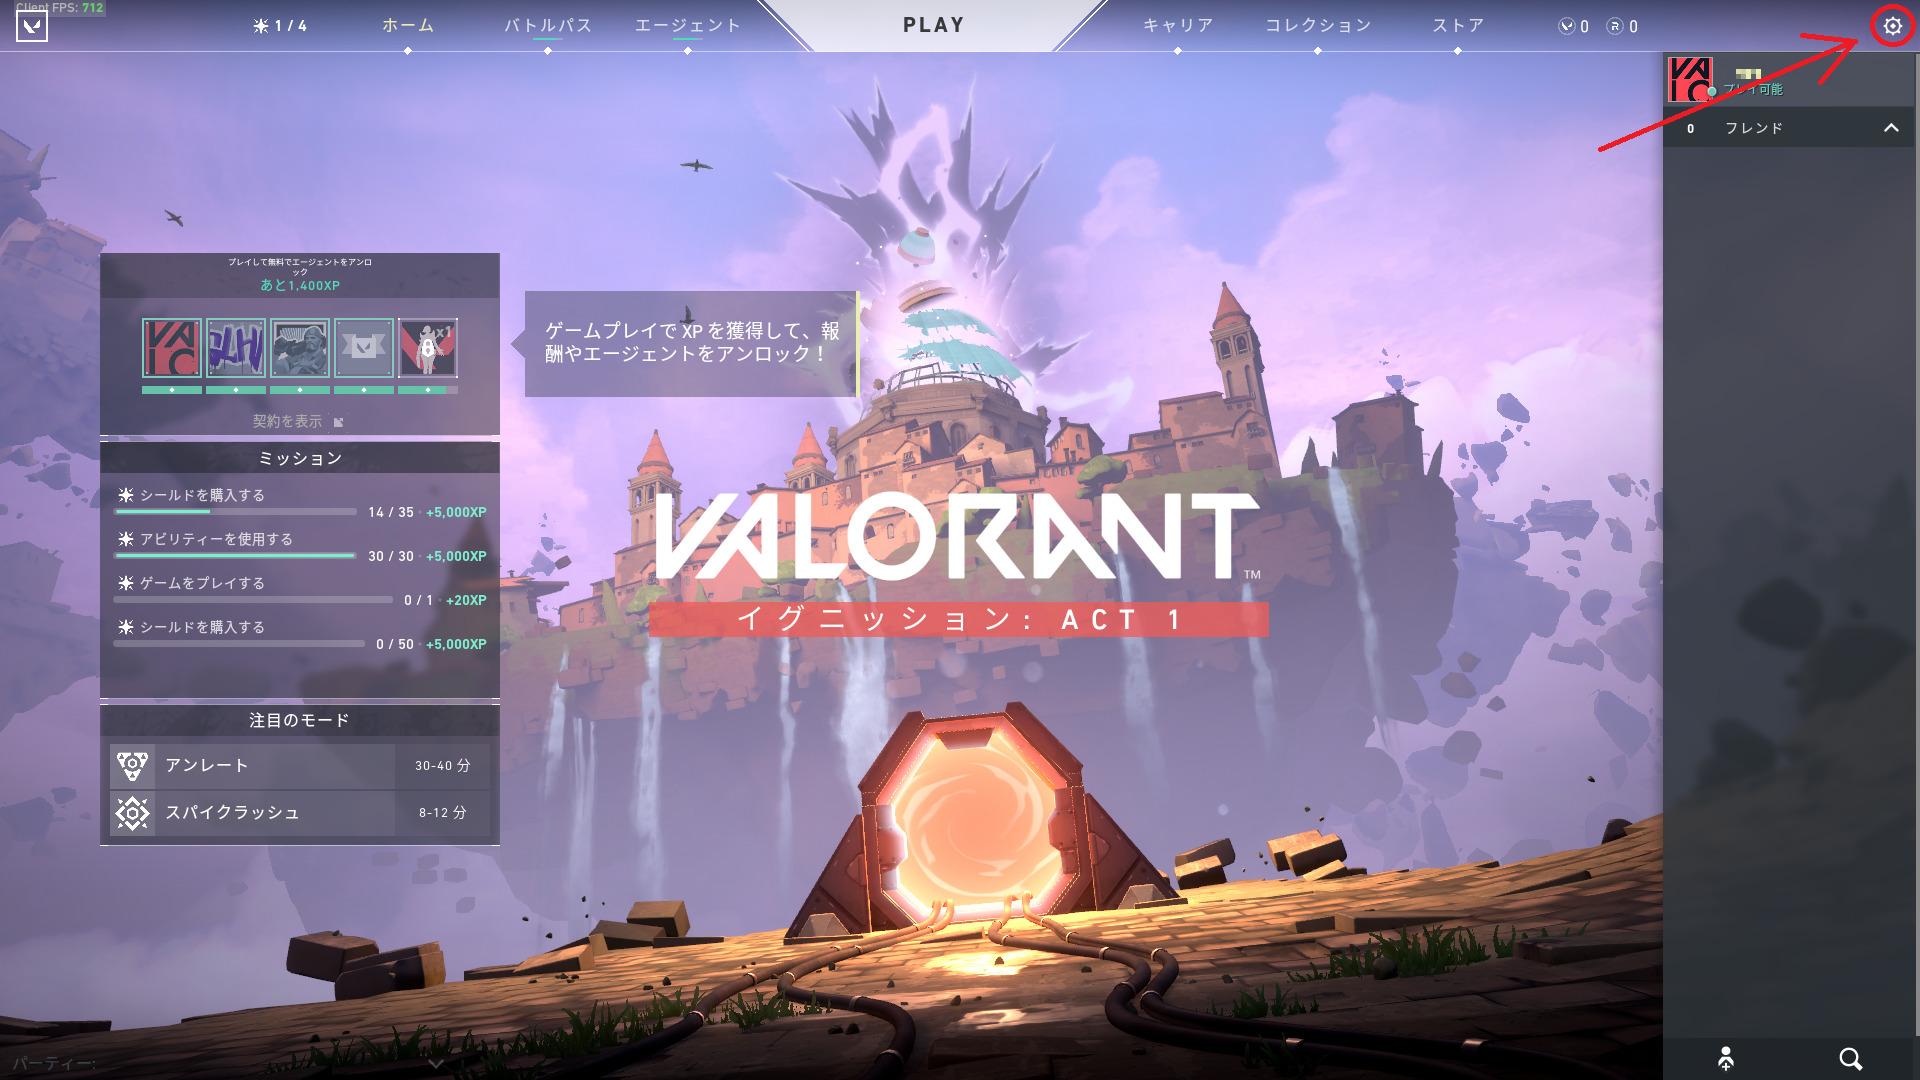 ヴァロラントゲーム画面